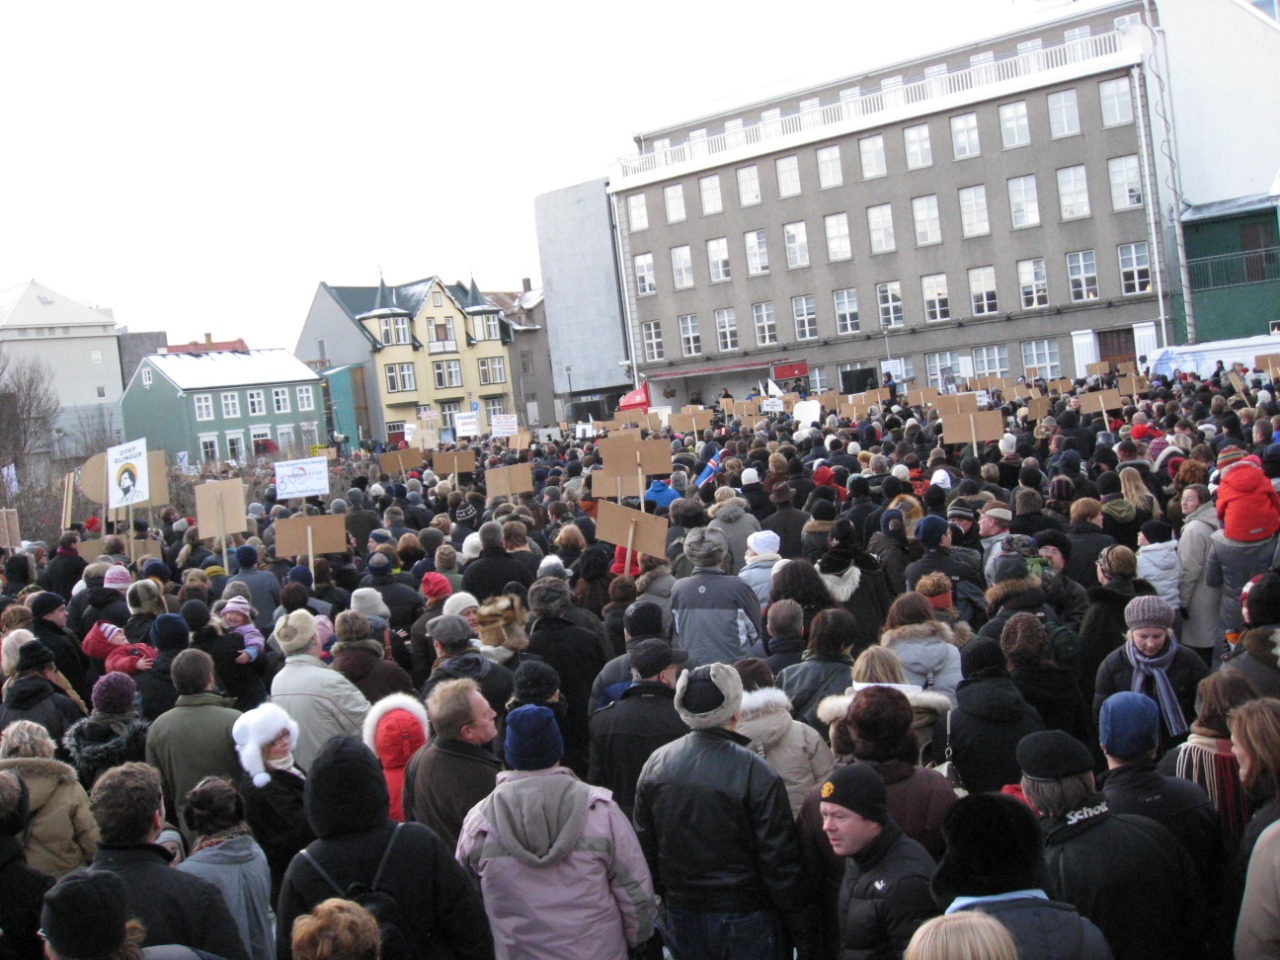 La renovación intelectual y la política: ¿encuentro o desencuentro?